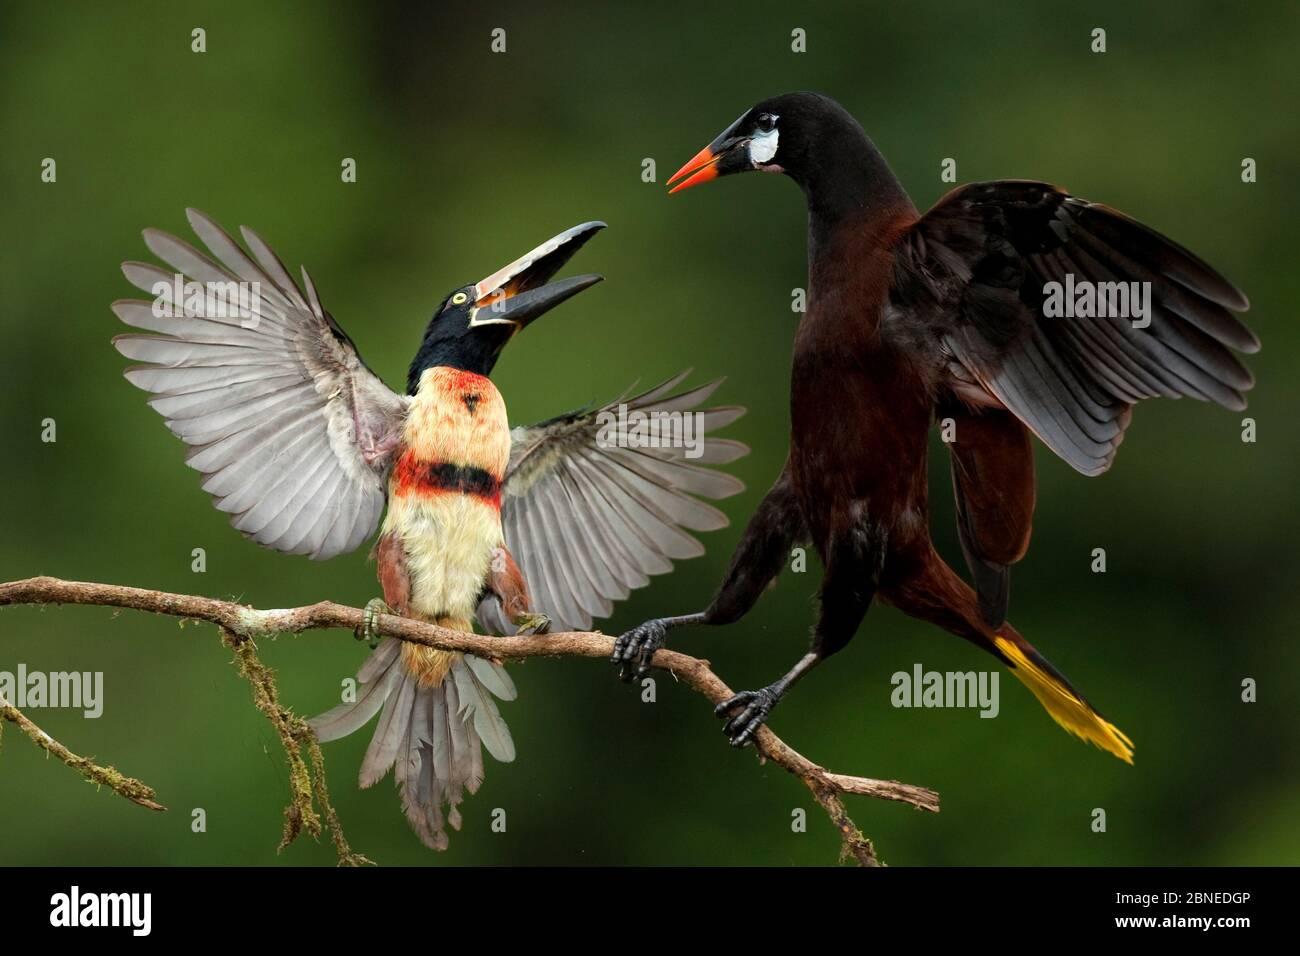 Collared aracari (Pteroglossus torquatus) squabbling with Montezuma oropendola (Psarocolius montezuma) Costa Rica. Stock Photo